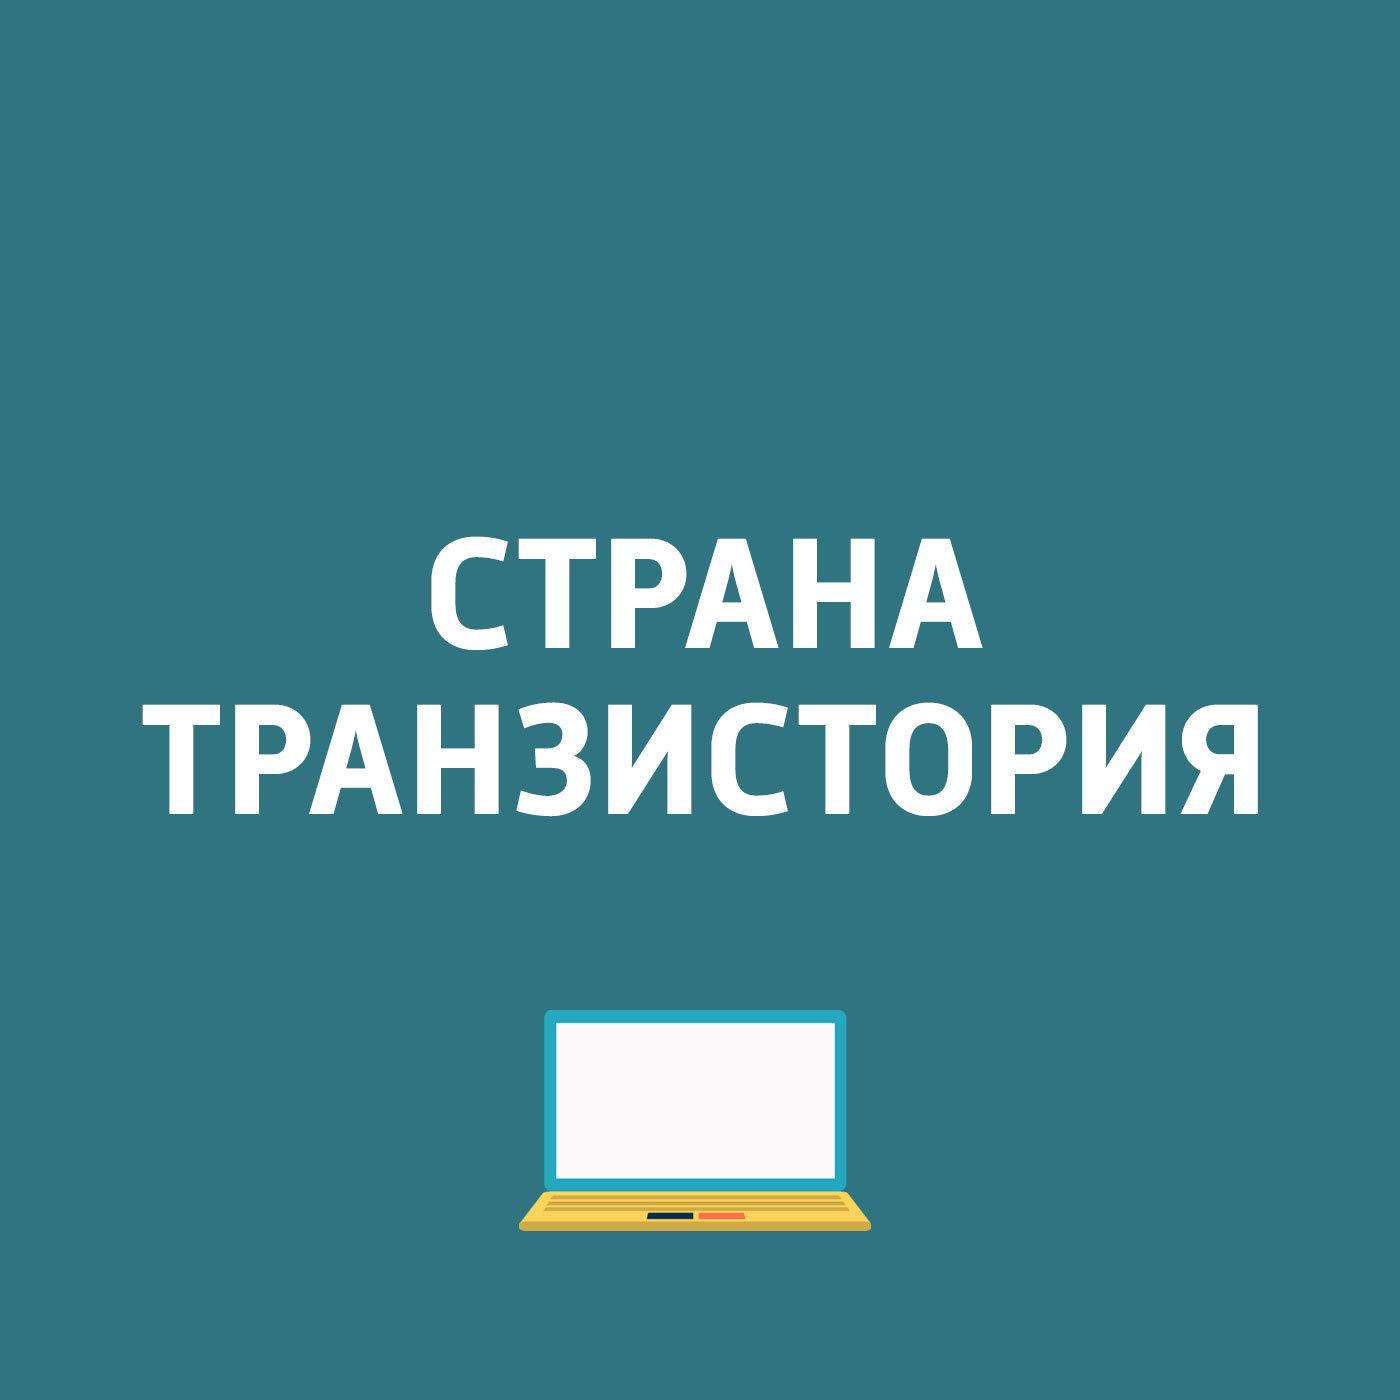 Картаев Павел Transmission с вирусом